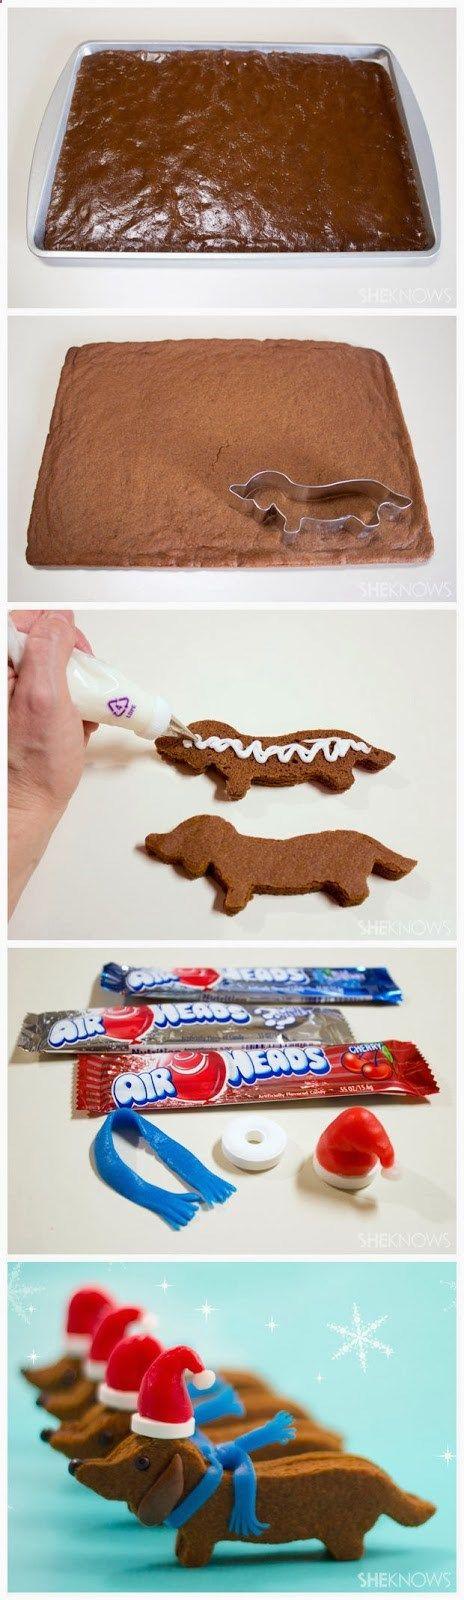 Wiener dog Santa cookies - Red Sky Food